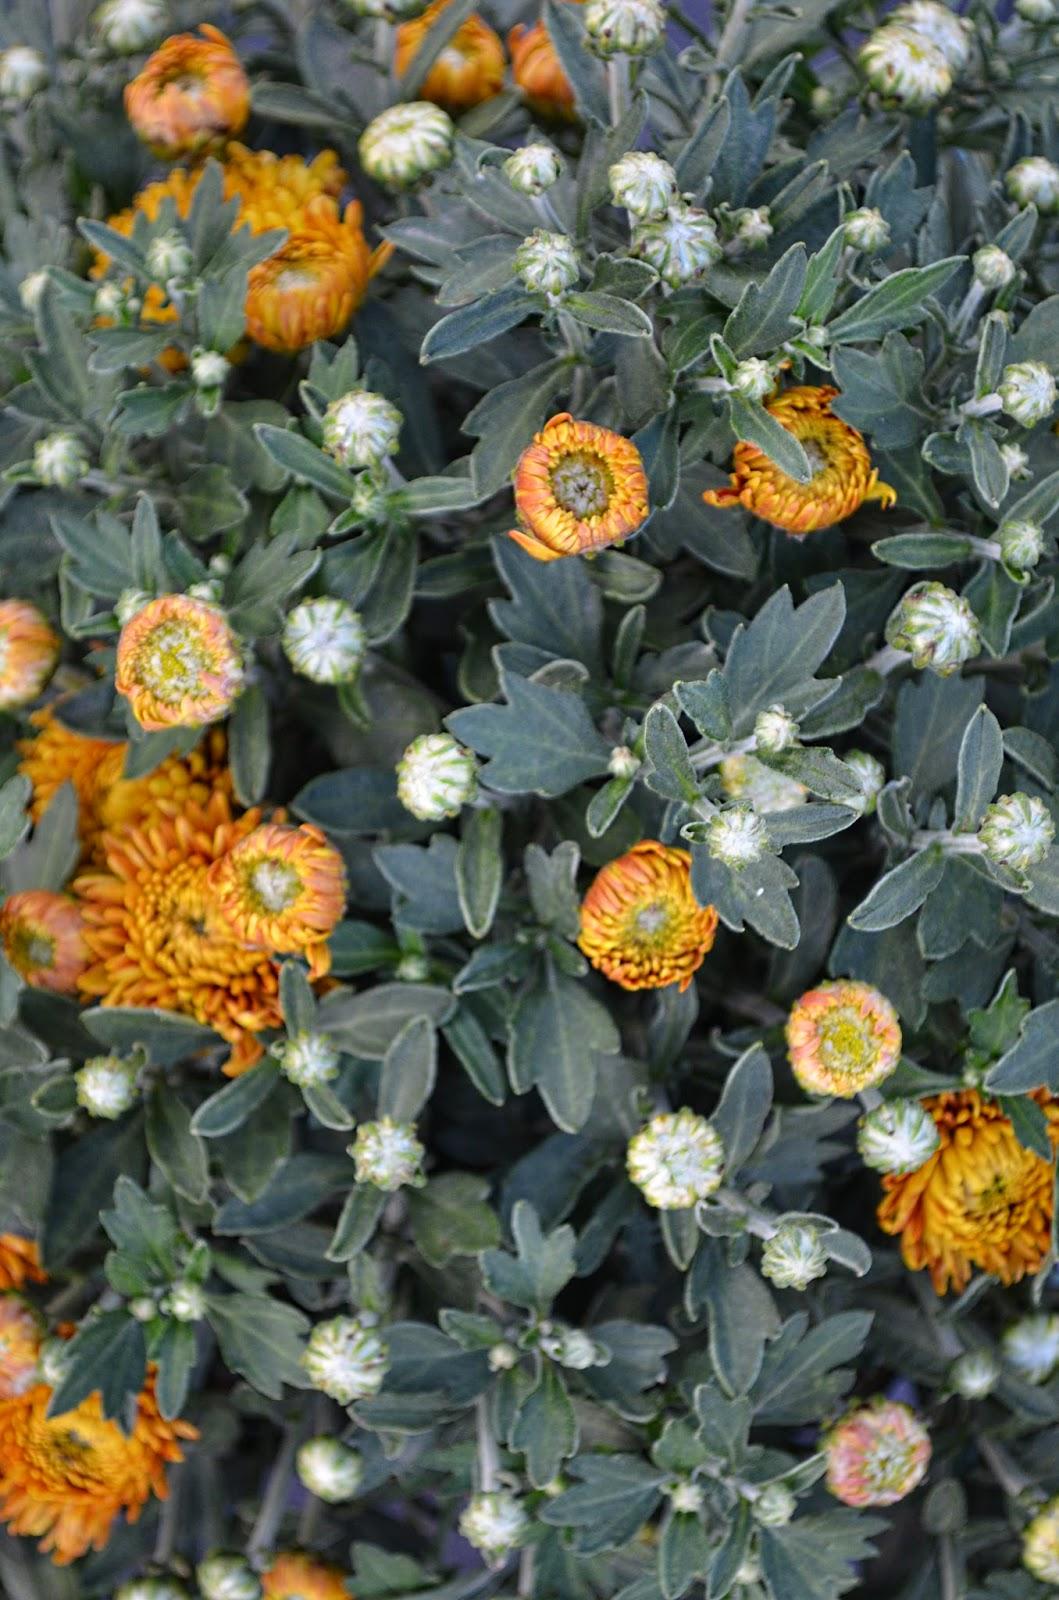 Piante fiori sementi sardegna vendita ingrosso e for Piante vendita